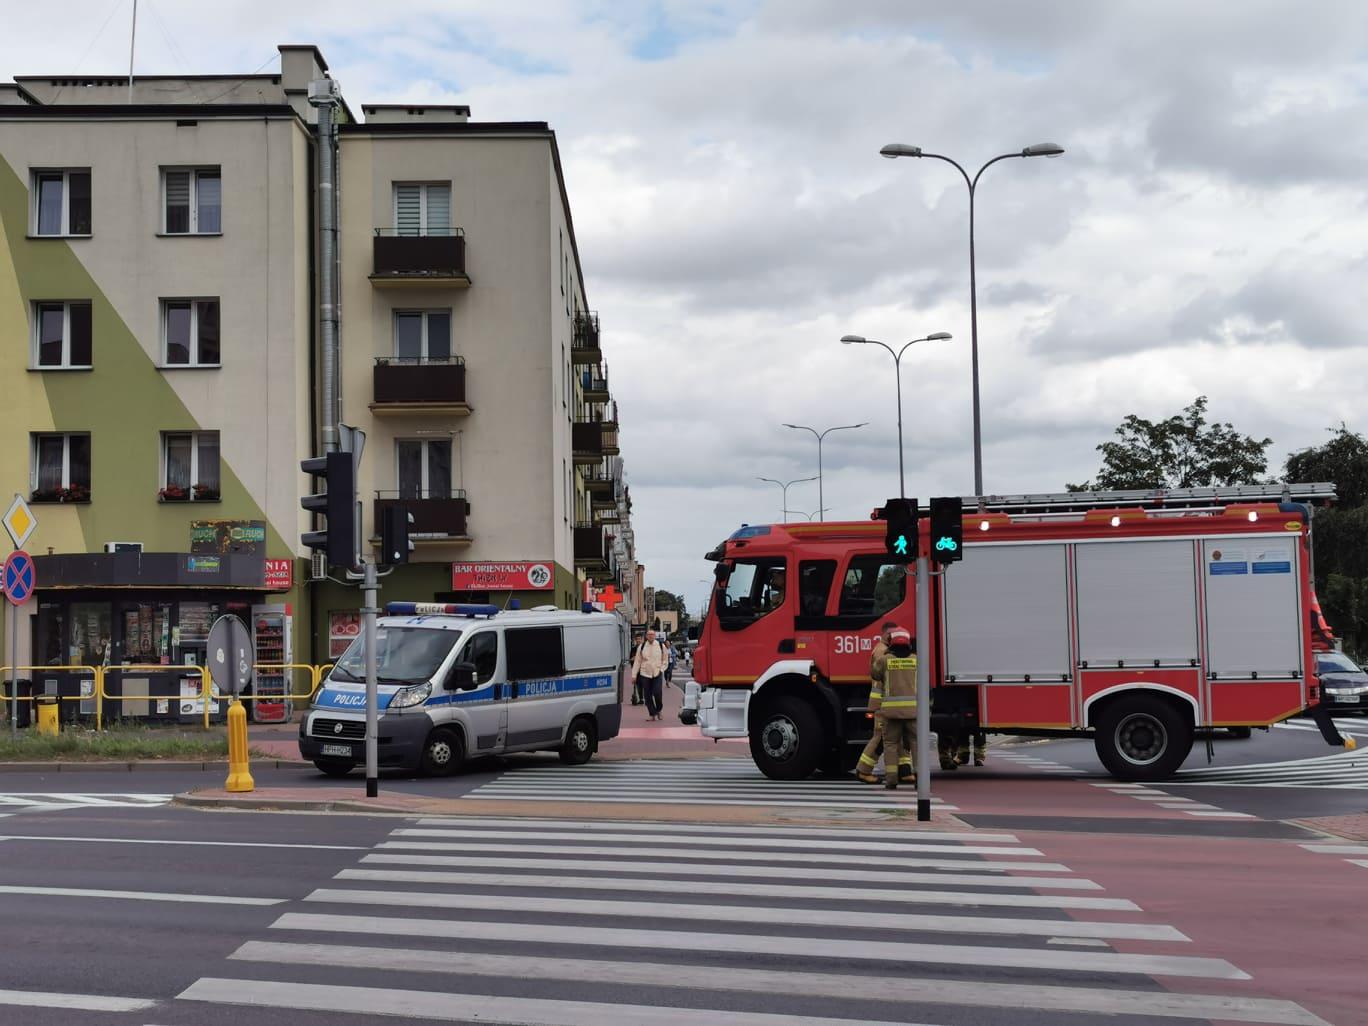 Reanimacja mężczyzny w centrum miasta  - Zdjęcie główne